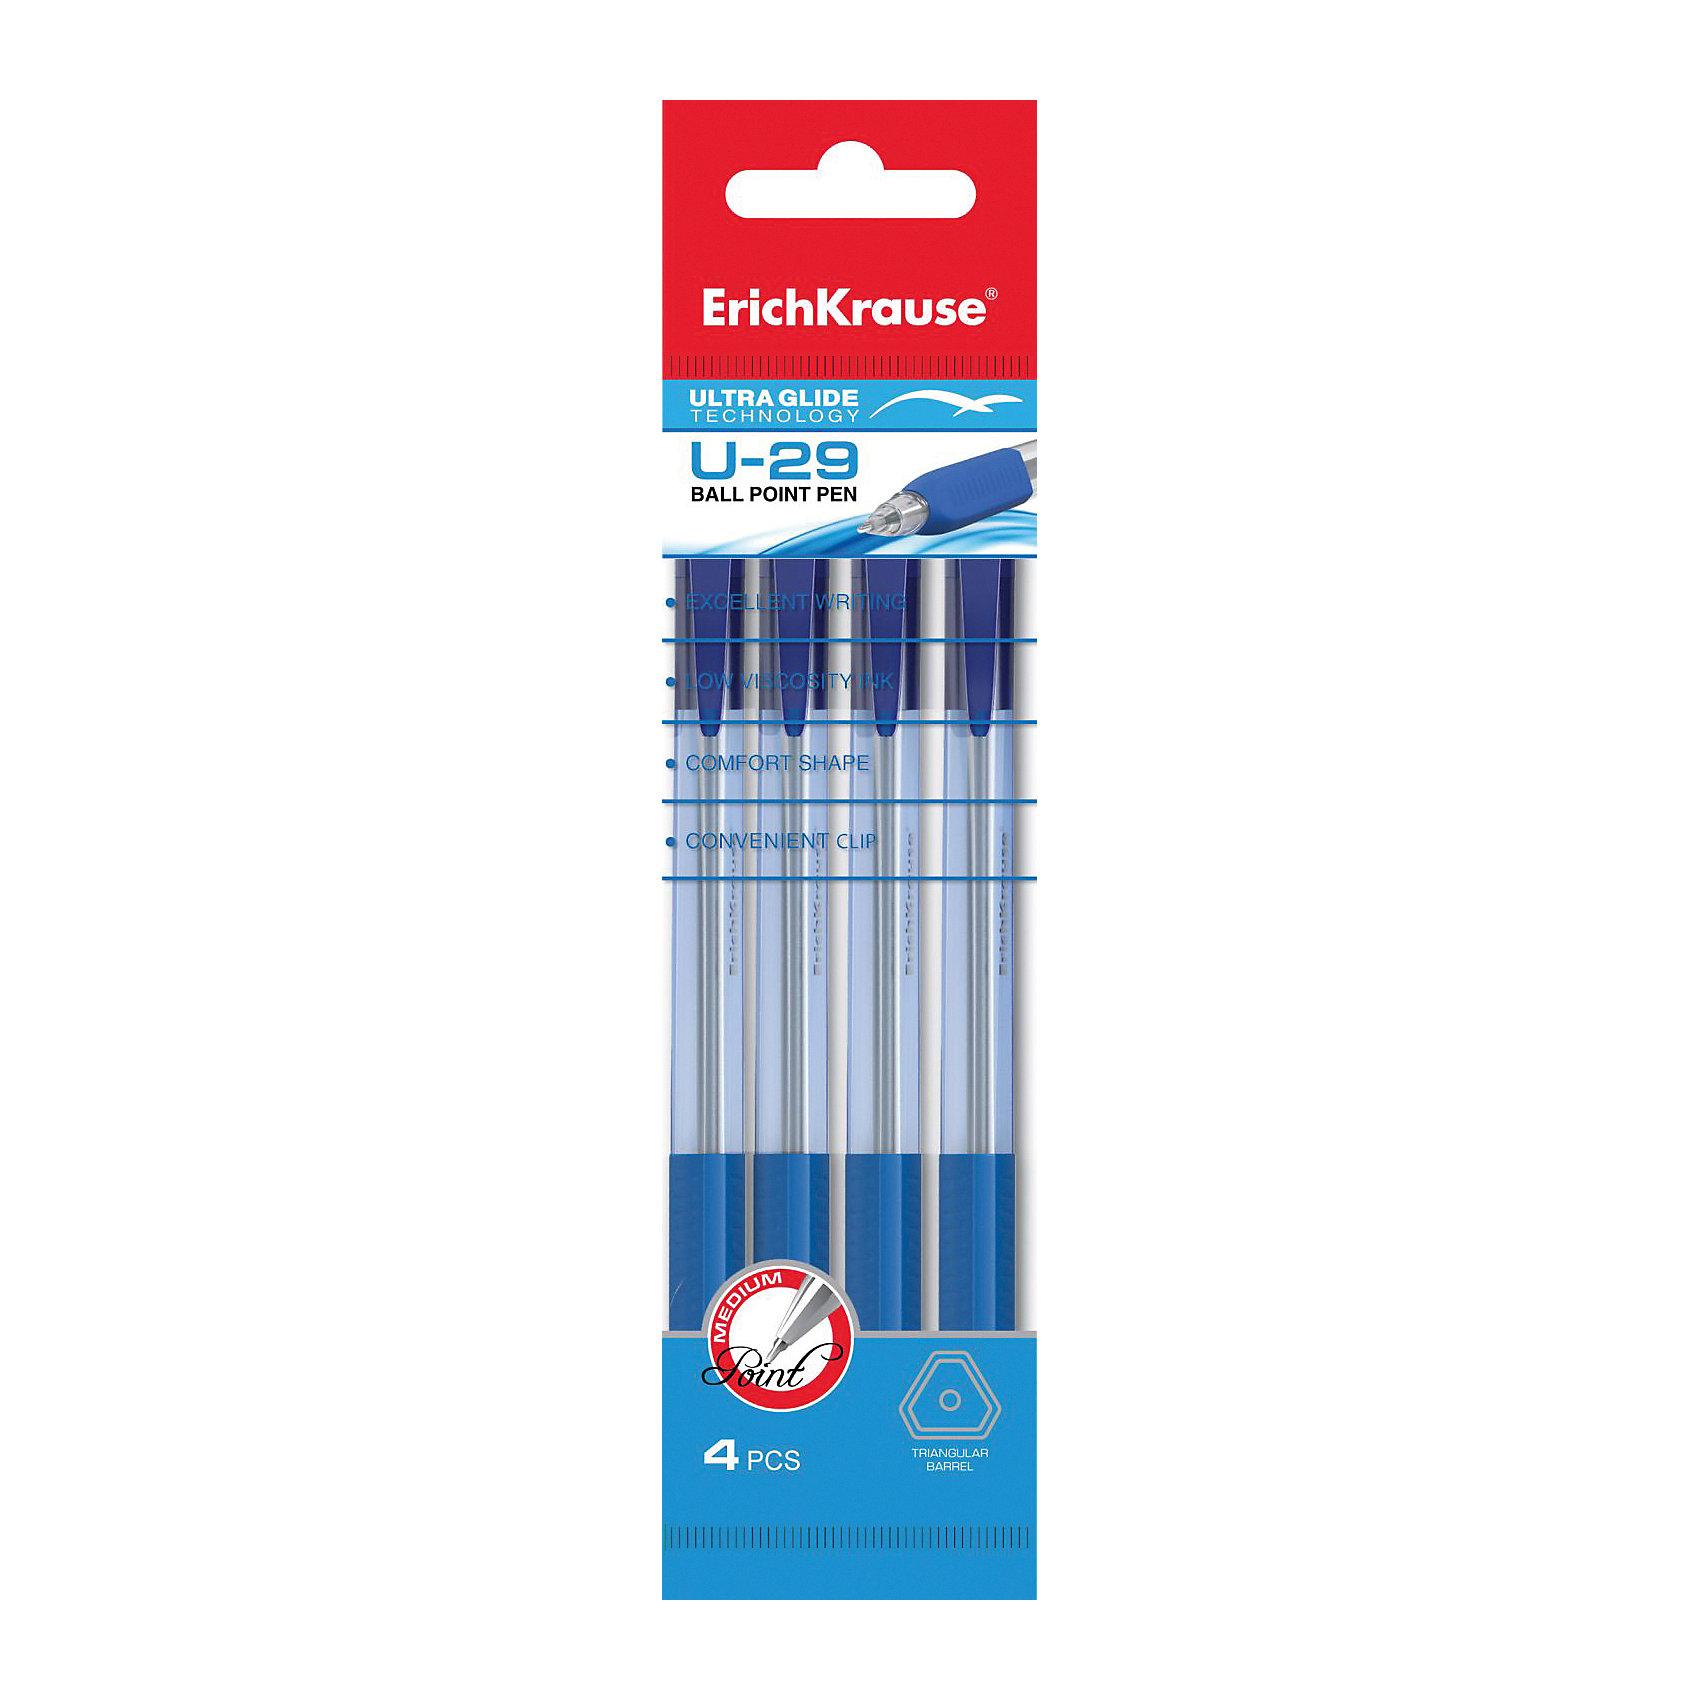 Erich Krause Ручка шариковая автоматическая Ultra Glide Technology U-29 в наборе из 4 штук синие чернилаПисьменные принадлежности<br>Характеристики товара:<br><br>• в комплекте: 4 автоматические шариковые ручки;<br>• цвет чернил: синий;<br>• толщина линии: 0,6 мм;;<br>• материал: пластик;<br>• размер упаковки: 1,5х6х20 см;<br>• вес: 38 грамм.<br><br>Набор состоит из четырех шариковых ручек с автоматическим выдвижением стержня. Эргономичный дизайн корпуса обеспечивает комфортное письмо. Чернила мягко ложатся на поверхность бумаги и быстро высыхают. Верхняя часть ручки оснащена зажимом, с помощью которого можно закрепить ручку в кармане или сумке. Цвет чернил - синий.<br><br>Erich Krause (Эрих Краузе) Ручку шариковую автоматическую Ultra Glide Technology U-29 в наборе из 4 штук синие чернила можно купить в нашем интернет-магазине.<br><br>Ширина мм: 200<br>Глубина мм: 60<br>Высота мм: 15<br>Вес г: 38<br>Возраст от месяцев: 84<br>Возраст до месяцев: 2147483647<br>Пол: Унисекс<br>Возраст: Детский<br>SKU: 6878846